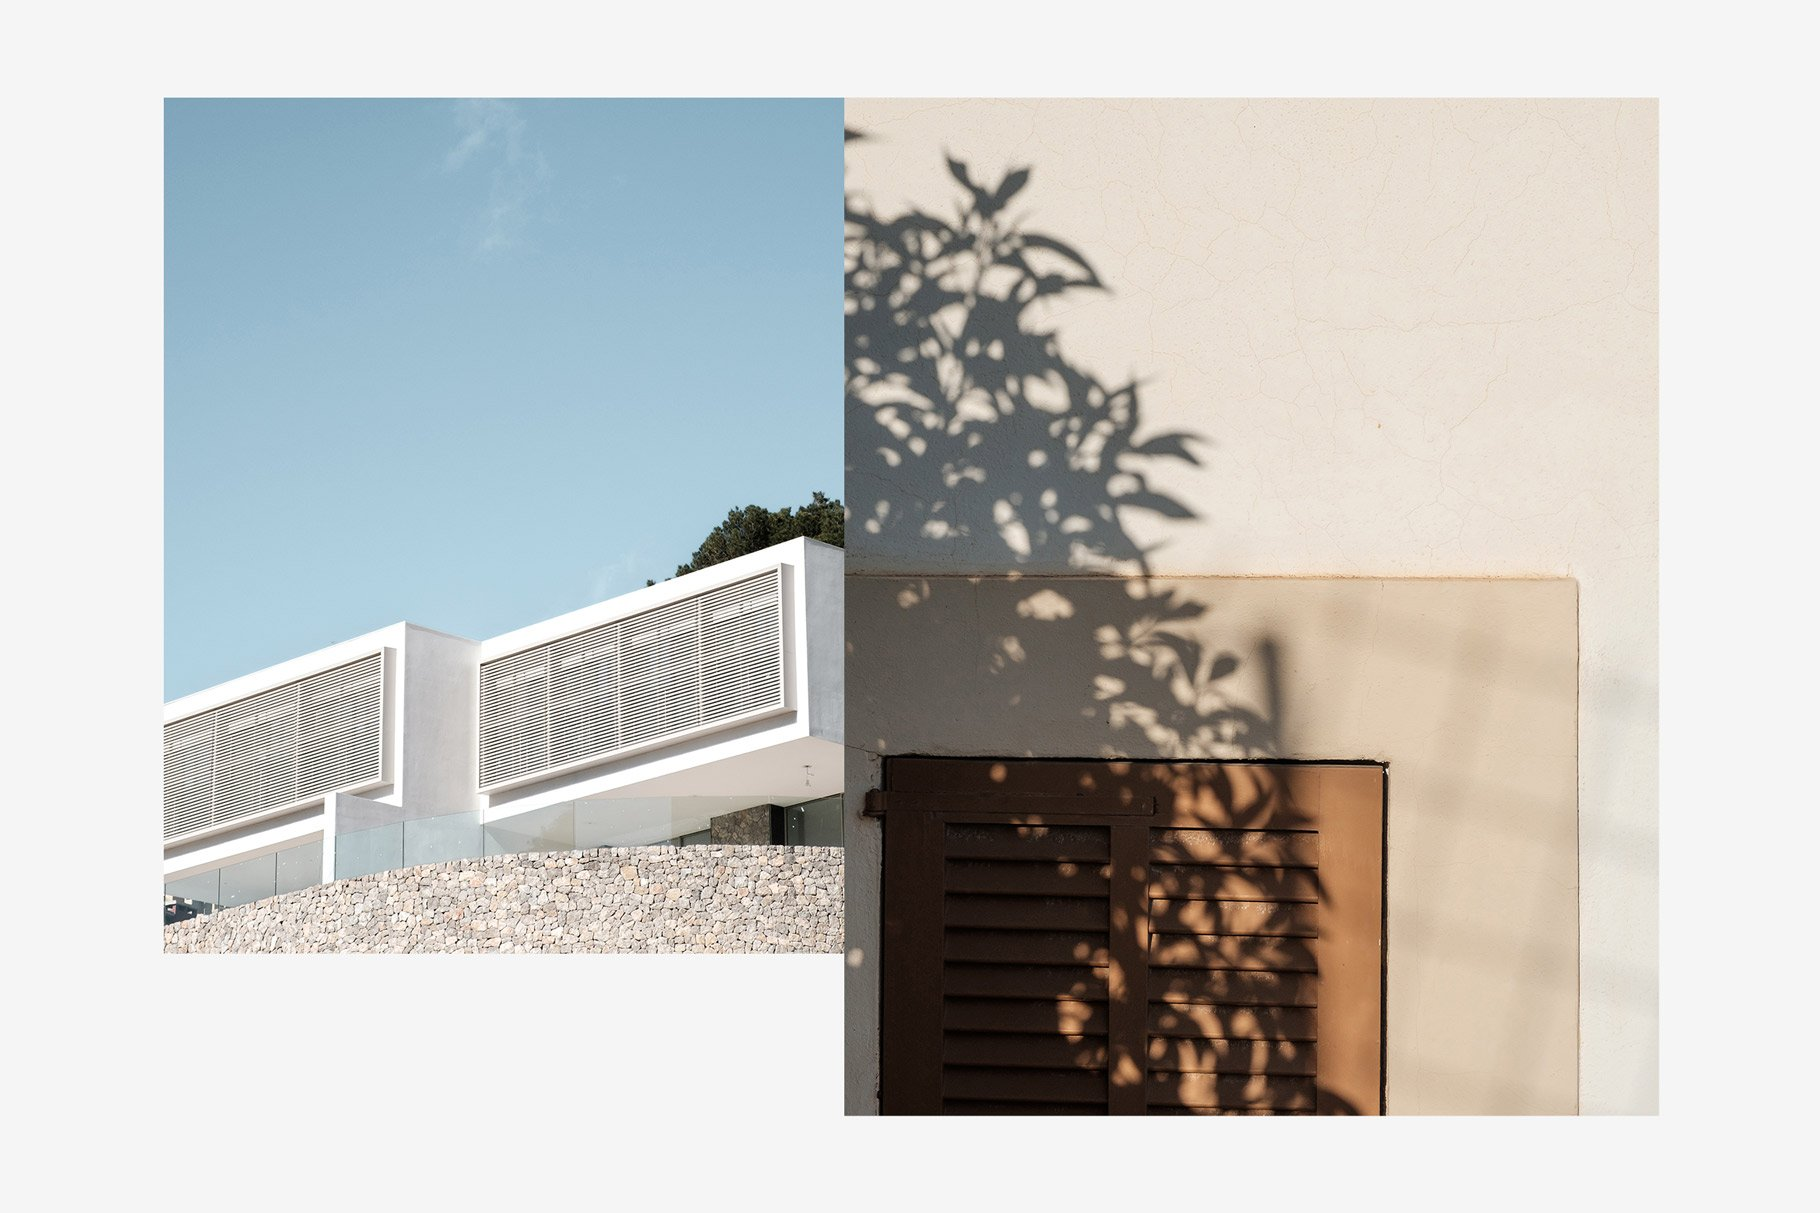 10款高清城市建筑风景摄影图片素材 Minimalistic Photos Pack Vol.1插图(4)